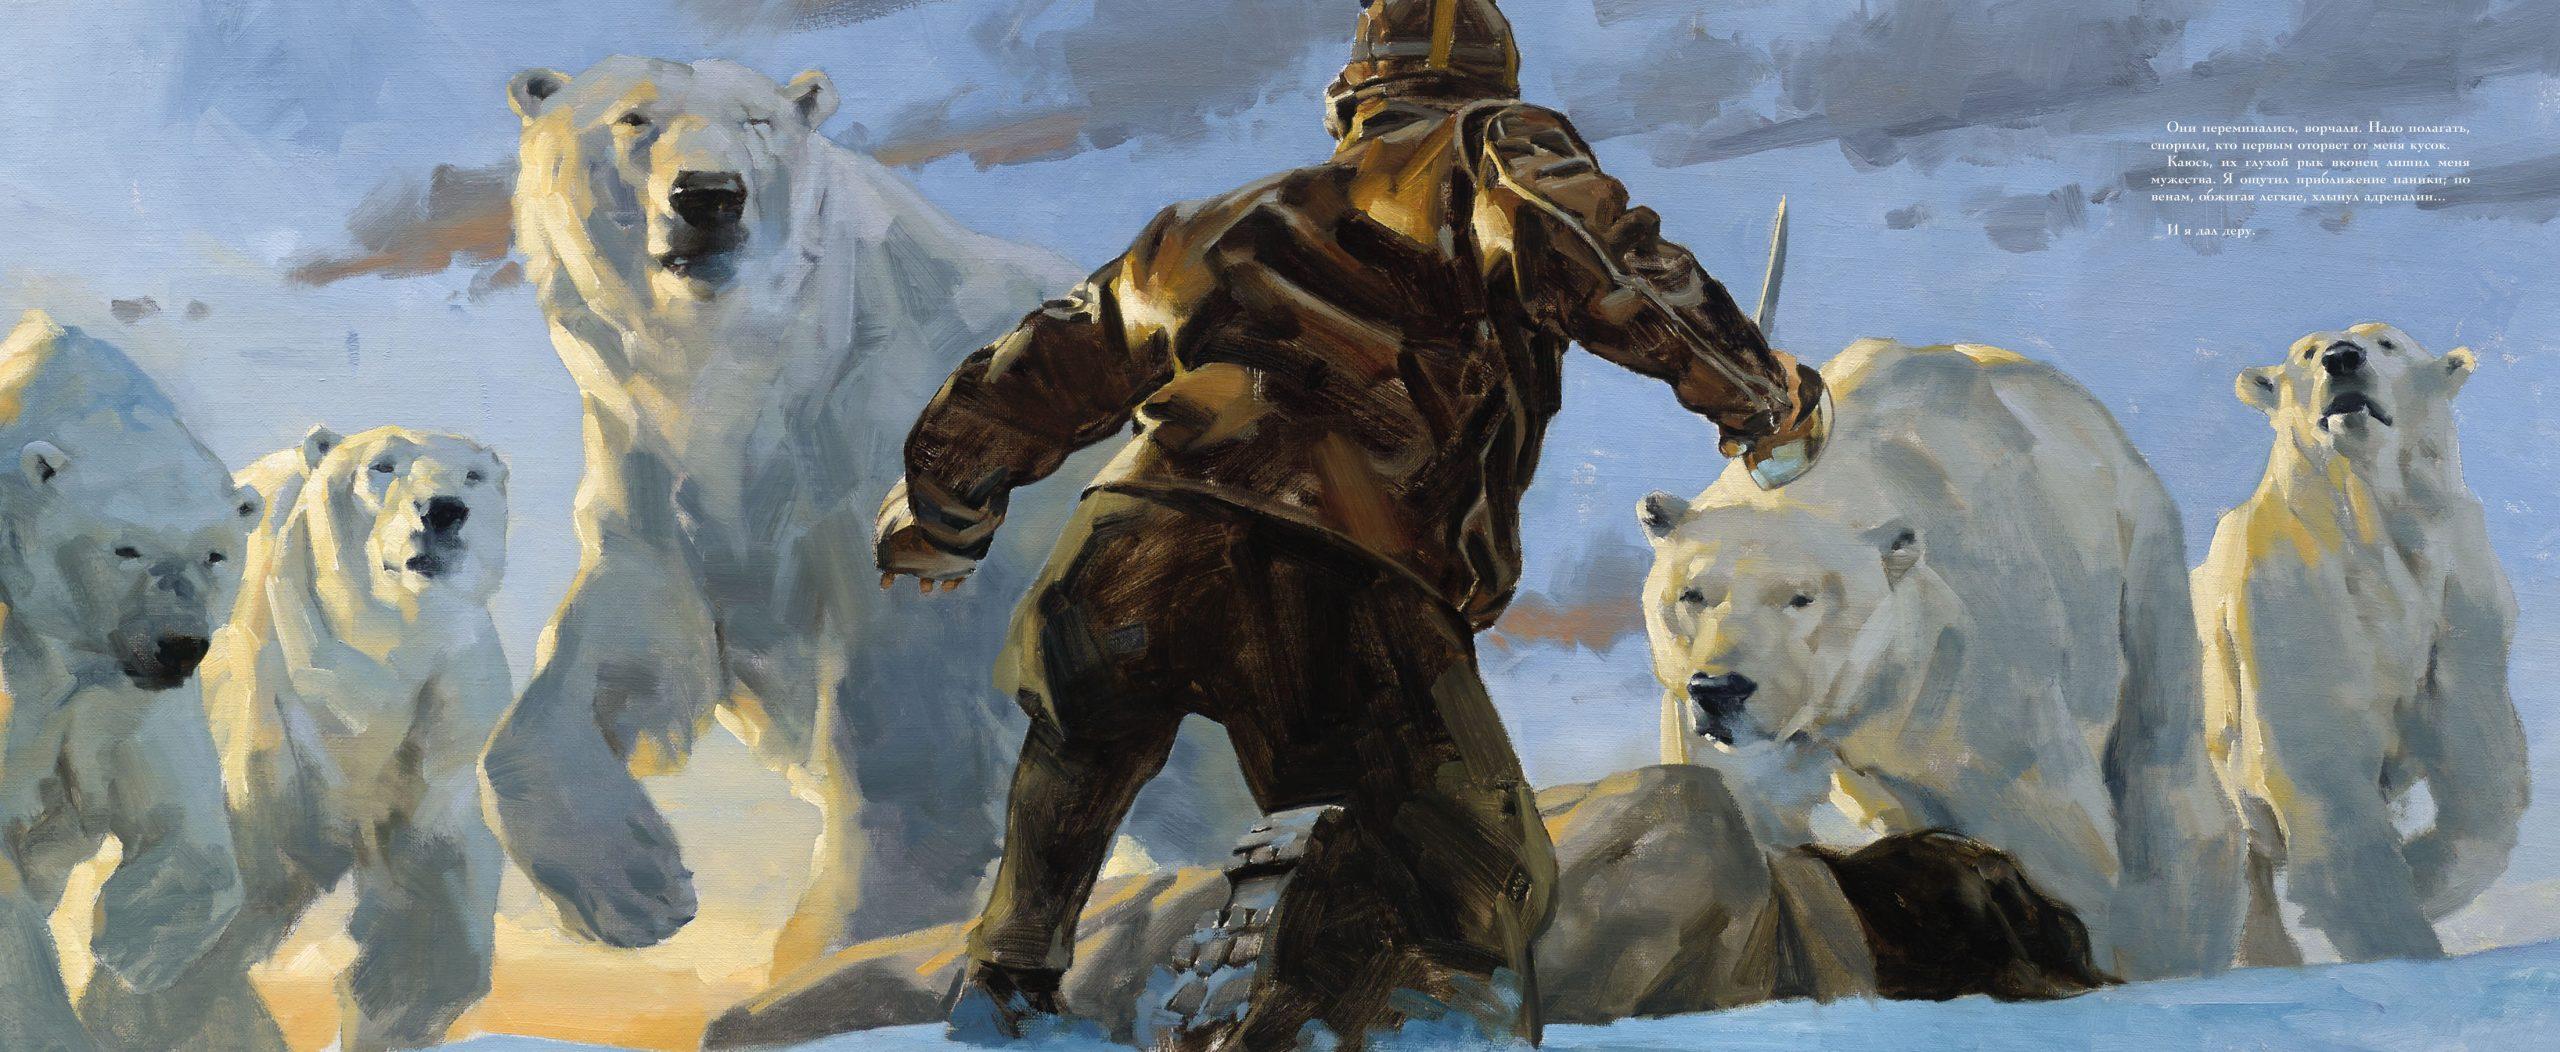 «Дневник Уэса»: отрывок изиллюстрированного романа «В ледяном плену» Грегори Манчесса 20